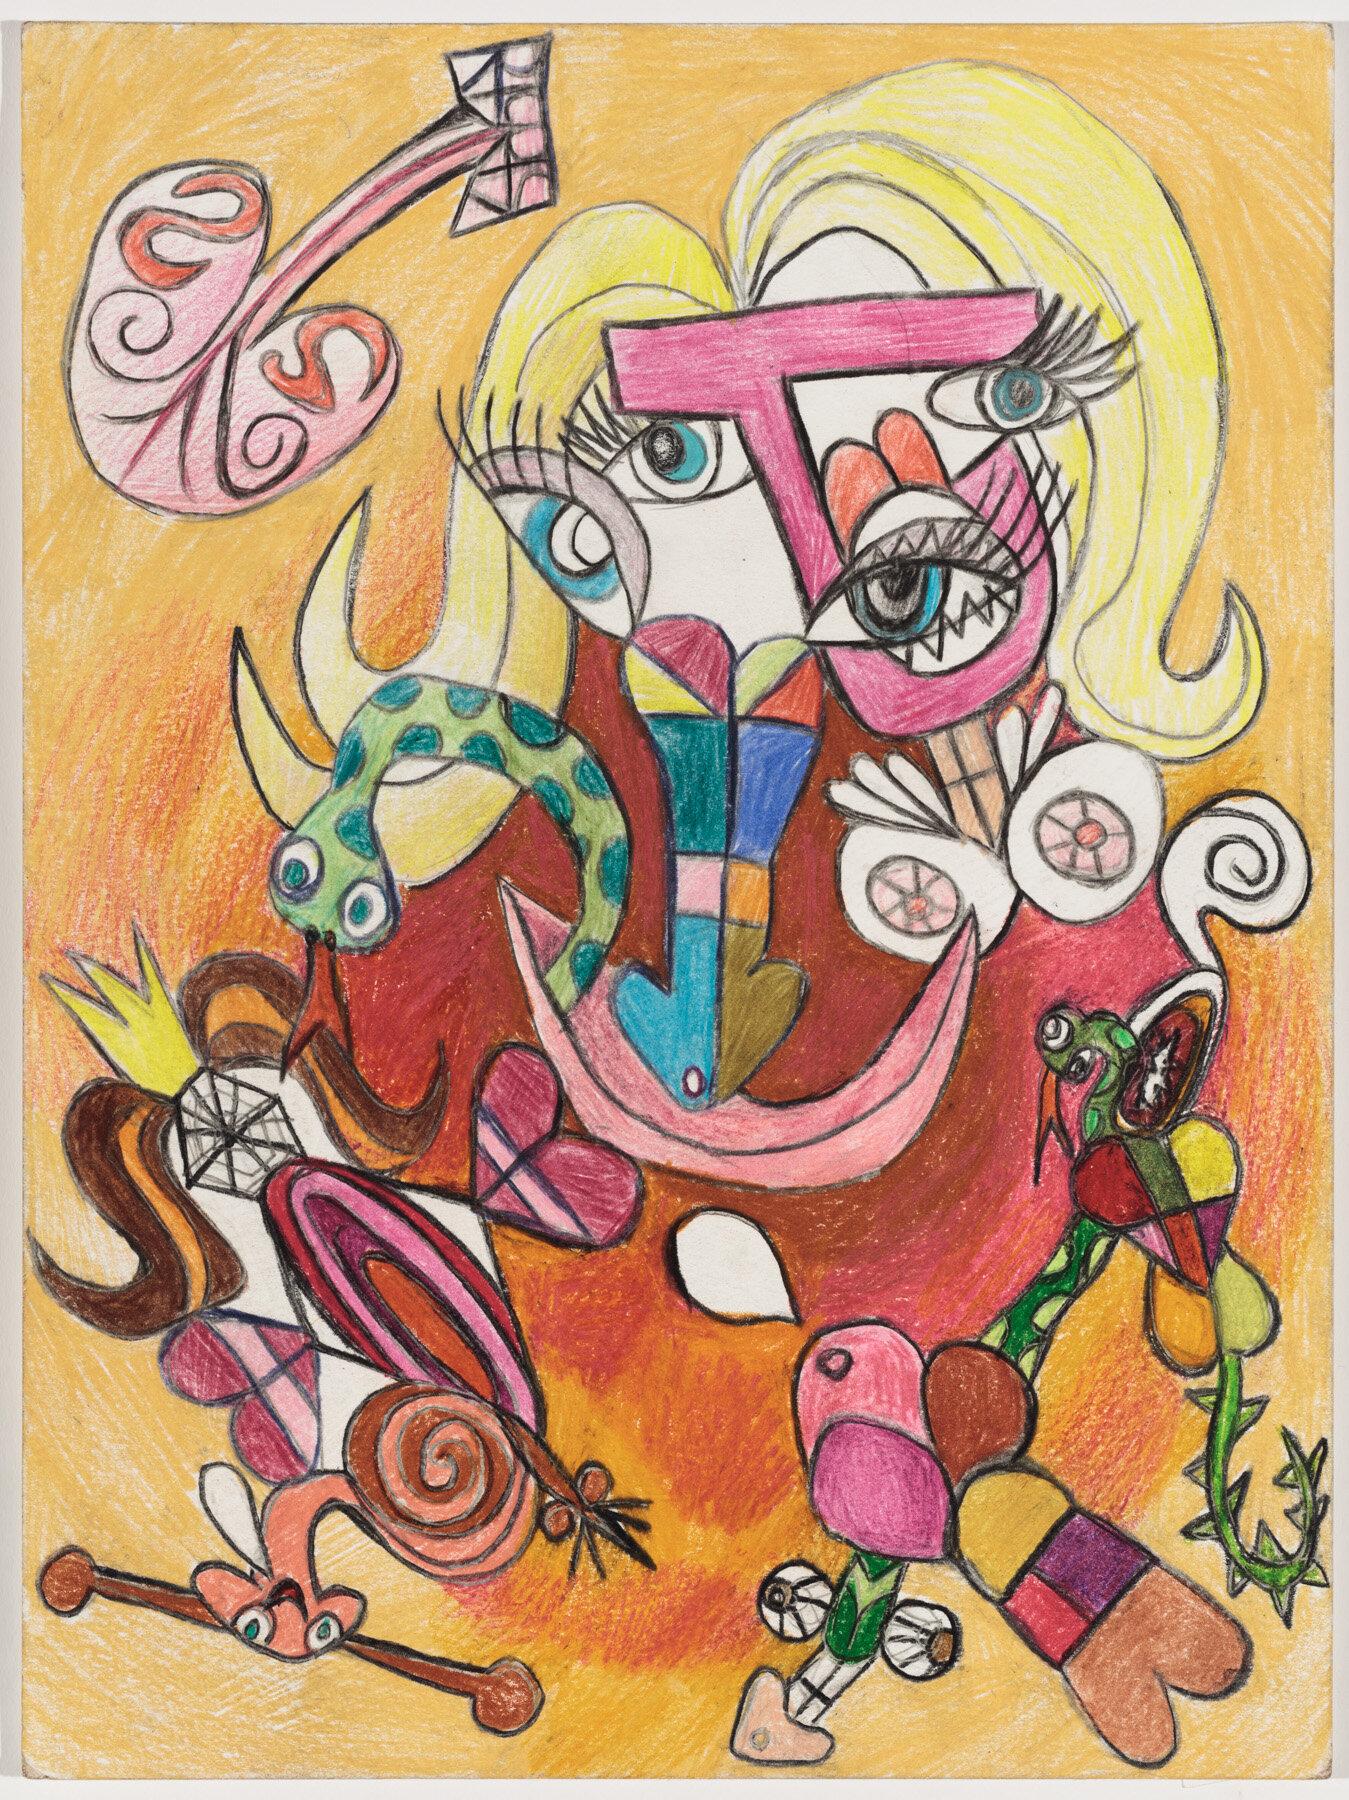 """Academie Gnostique (2019) Watercolor pencil on paper, 12x9"""""""